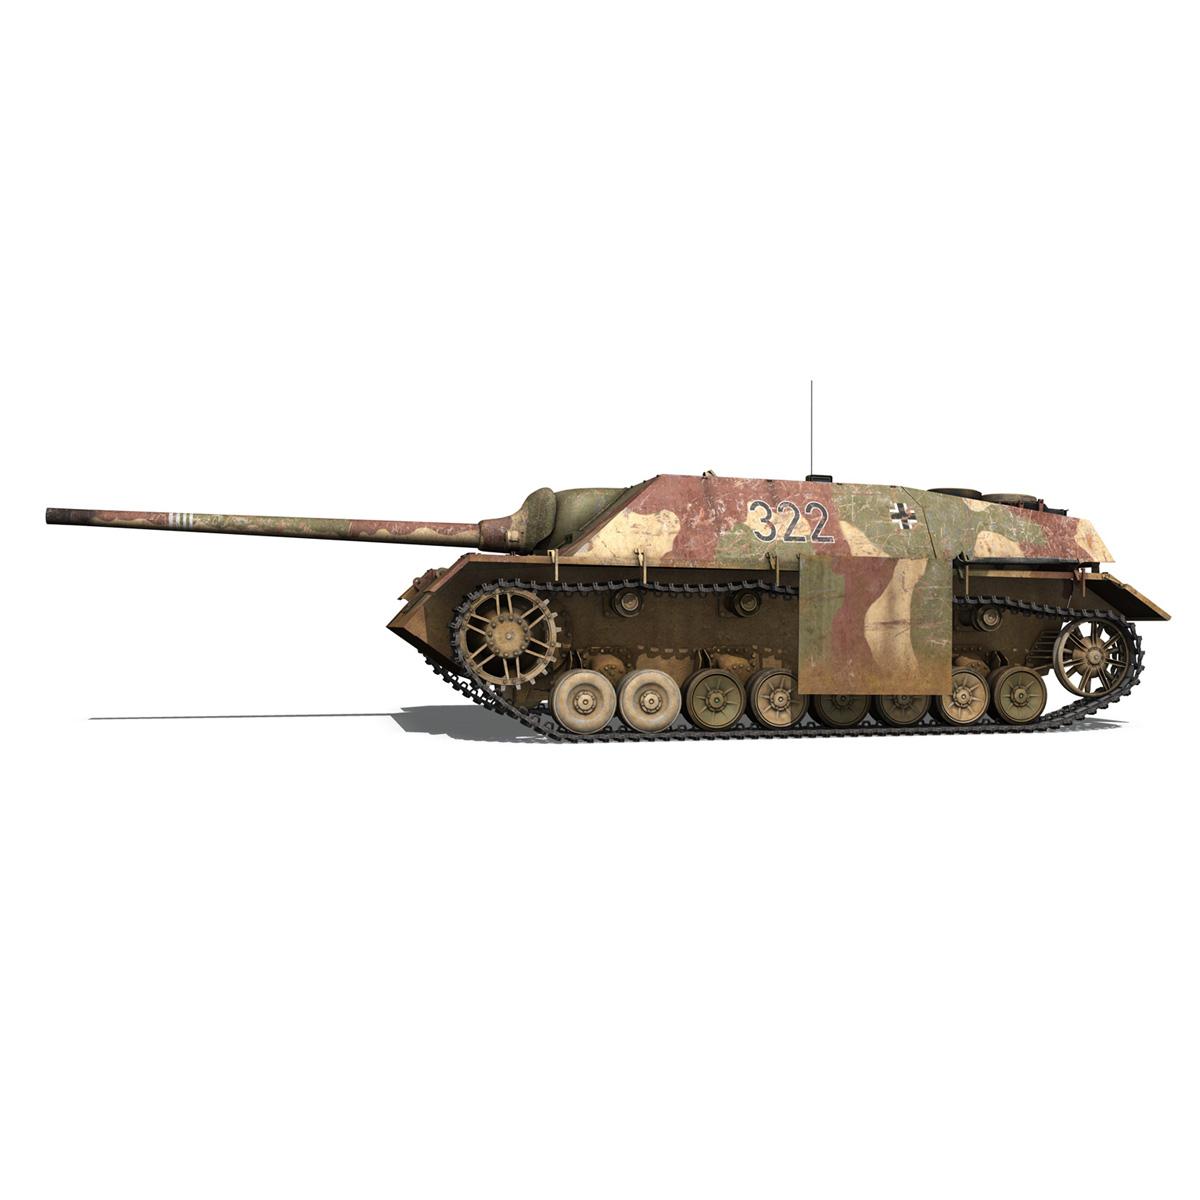 jagdpanzer iv l/70 (v) – 322 – late production 3d model 3ds fbx c4d lwo obj 282348